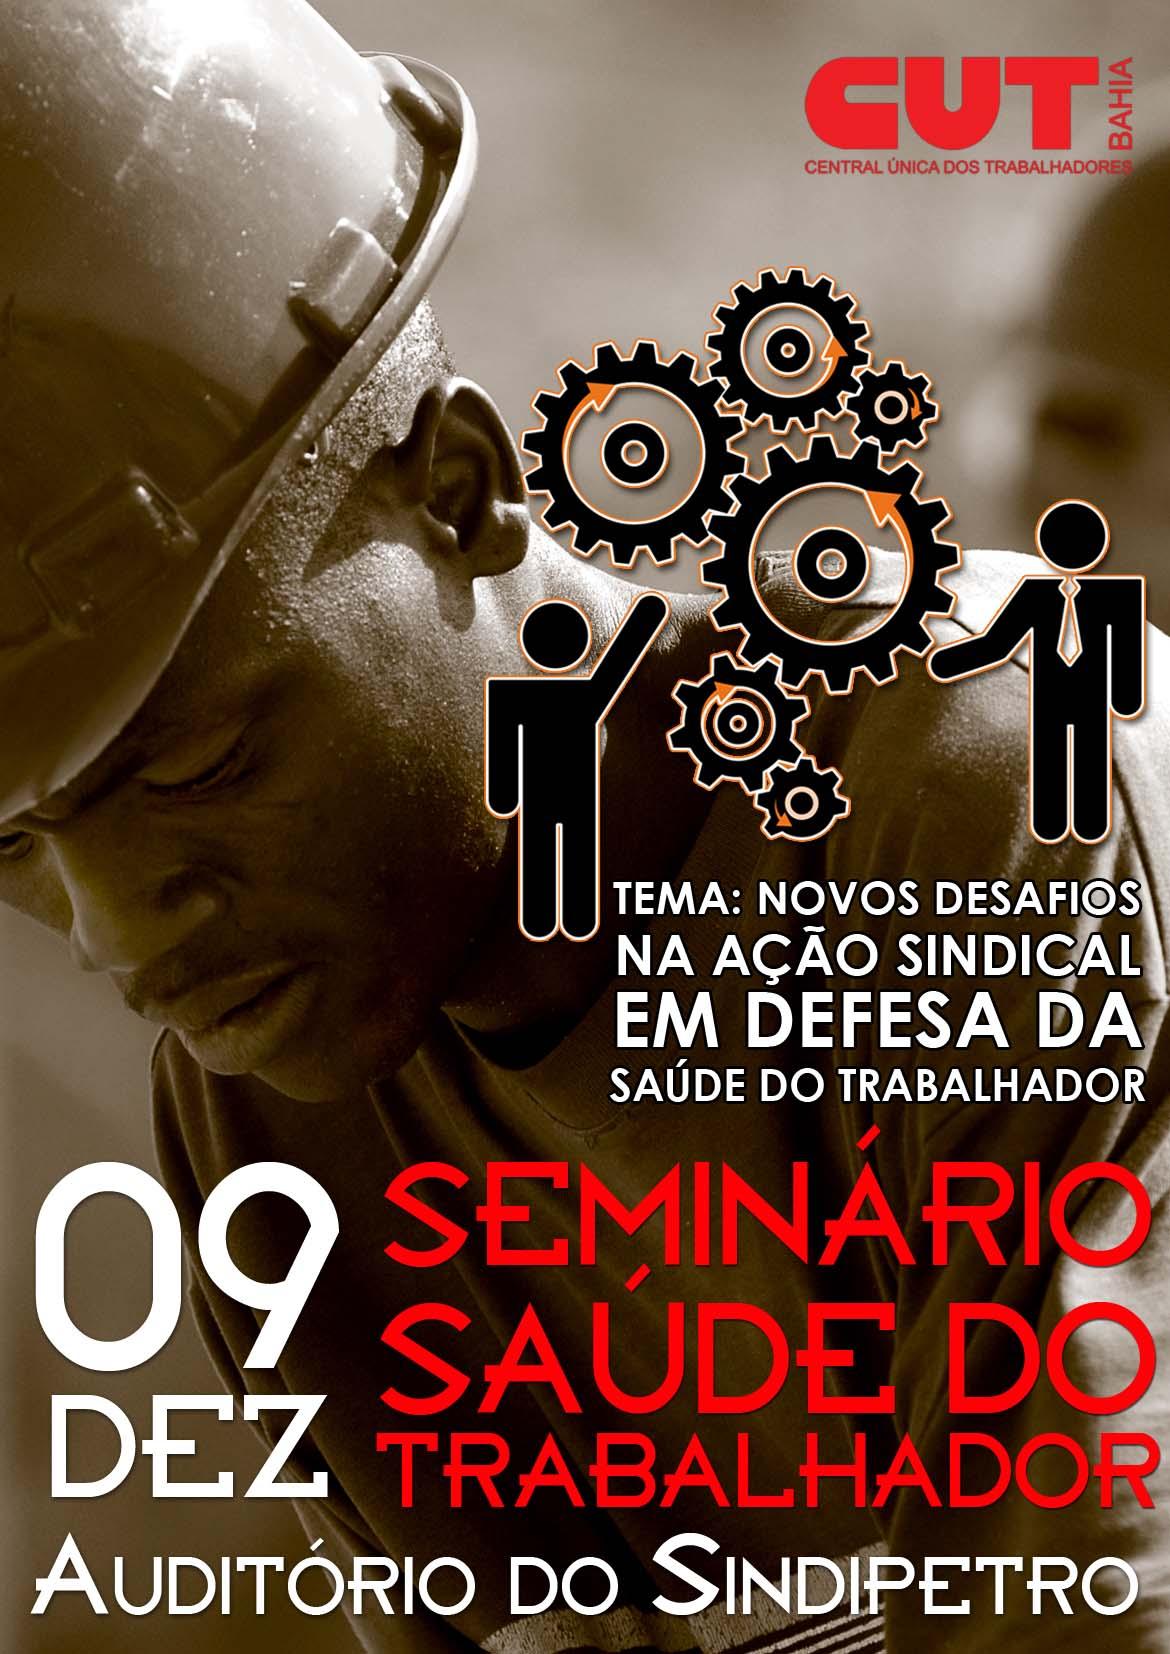 Sinttel Bahia participa de seminário sobre a saúde do trabalhador